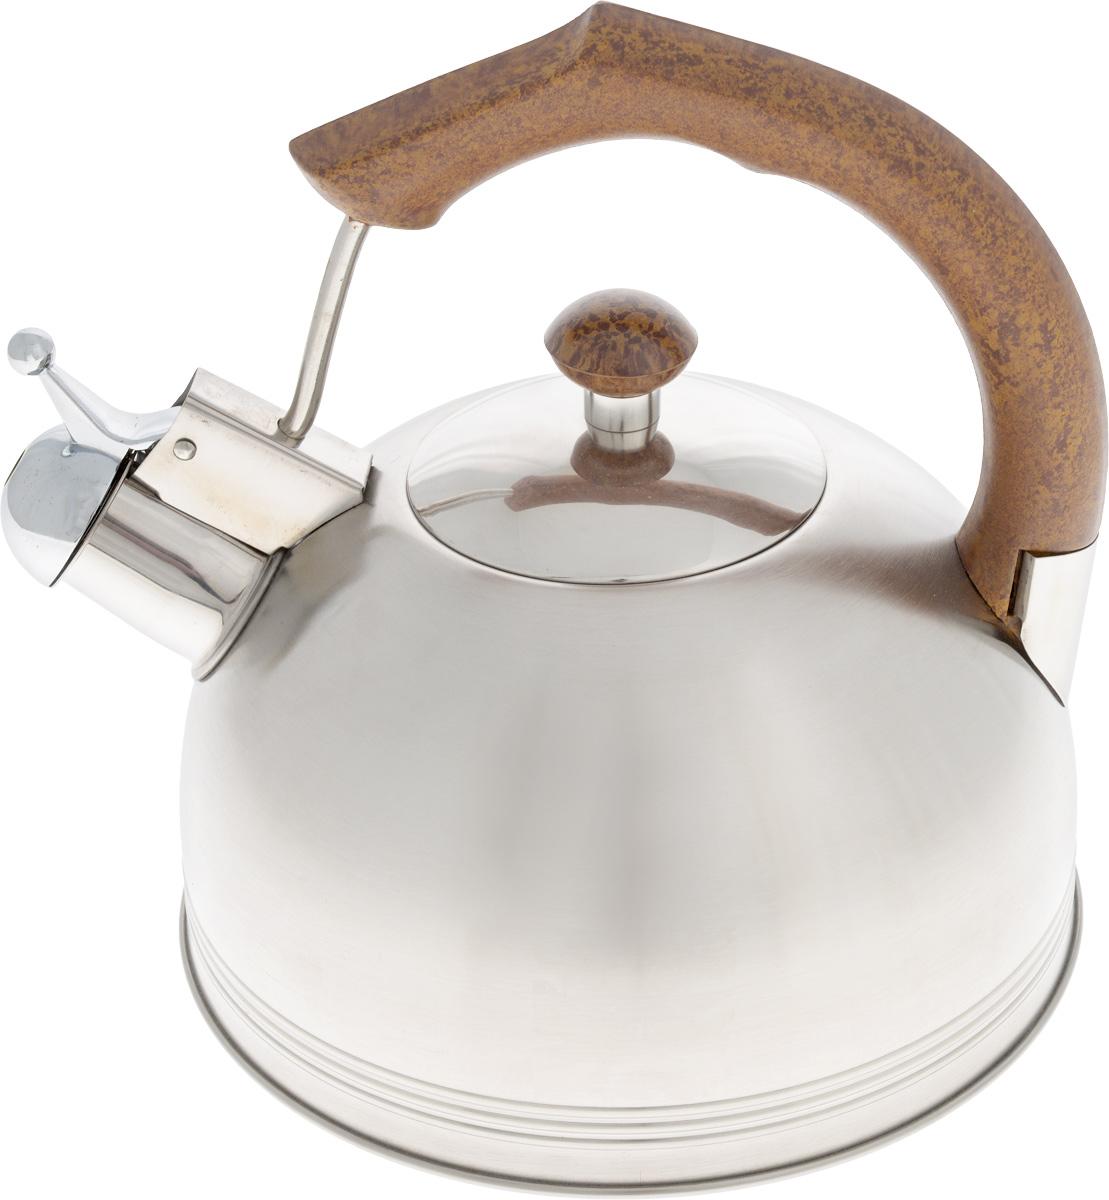 Чайник Wellberg Whistling, со свистком, 2,3 л. 507WBCM000001328Чайник Wellberg Whistling выполнен из высококачественной нержавеющей стали, что делает его весьма гигиеничным и устойчивым к износу при длительном использовании. Носик чайника оснащен свистком, что позволит вам контролировать процесс подогрева или кипячения воды. Фиксированная ручка изготовлена из пластика. Матовая полировка придает чайнику изысканный внешний вид. Эстетичный и функциональный чайник будет оригинально смотреться в любом интерьере.Подходит для использования на всех типах плит, кроме индукционных. Можно мыть в посудомоечной машине. Высота чайника (с учетом ручки и крышки): 21 см.Диаметр чайника (по верхнему краю): 8,5 см.Диаметр основания: 20 см.